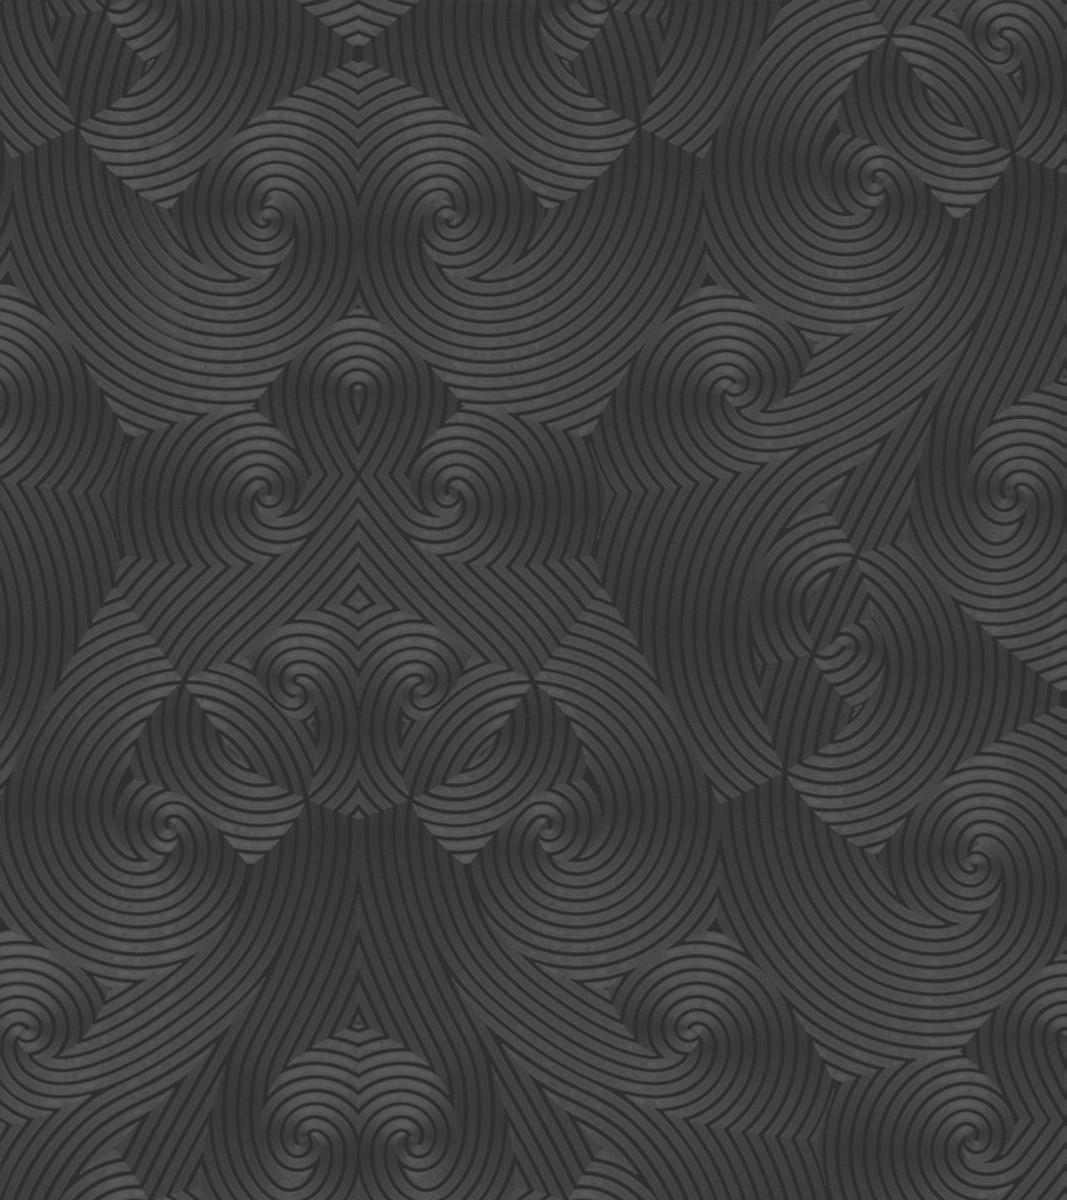 harald gl ckler designer barock vliestapete 54466 schwarz anthrazit metallic designer. Black Bedroom Furniture Sets. Home Design Ideas